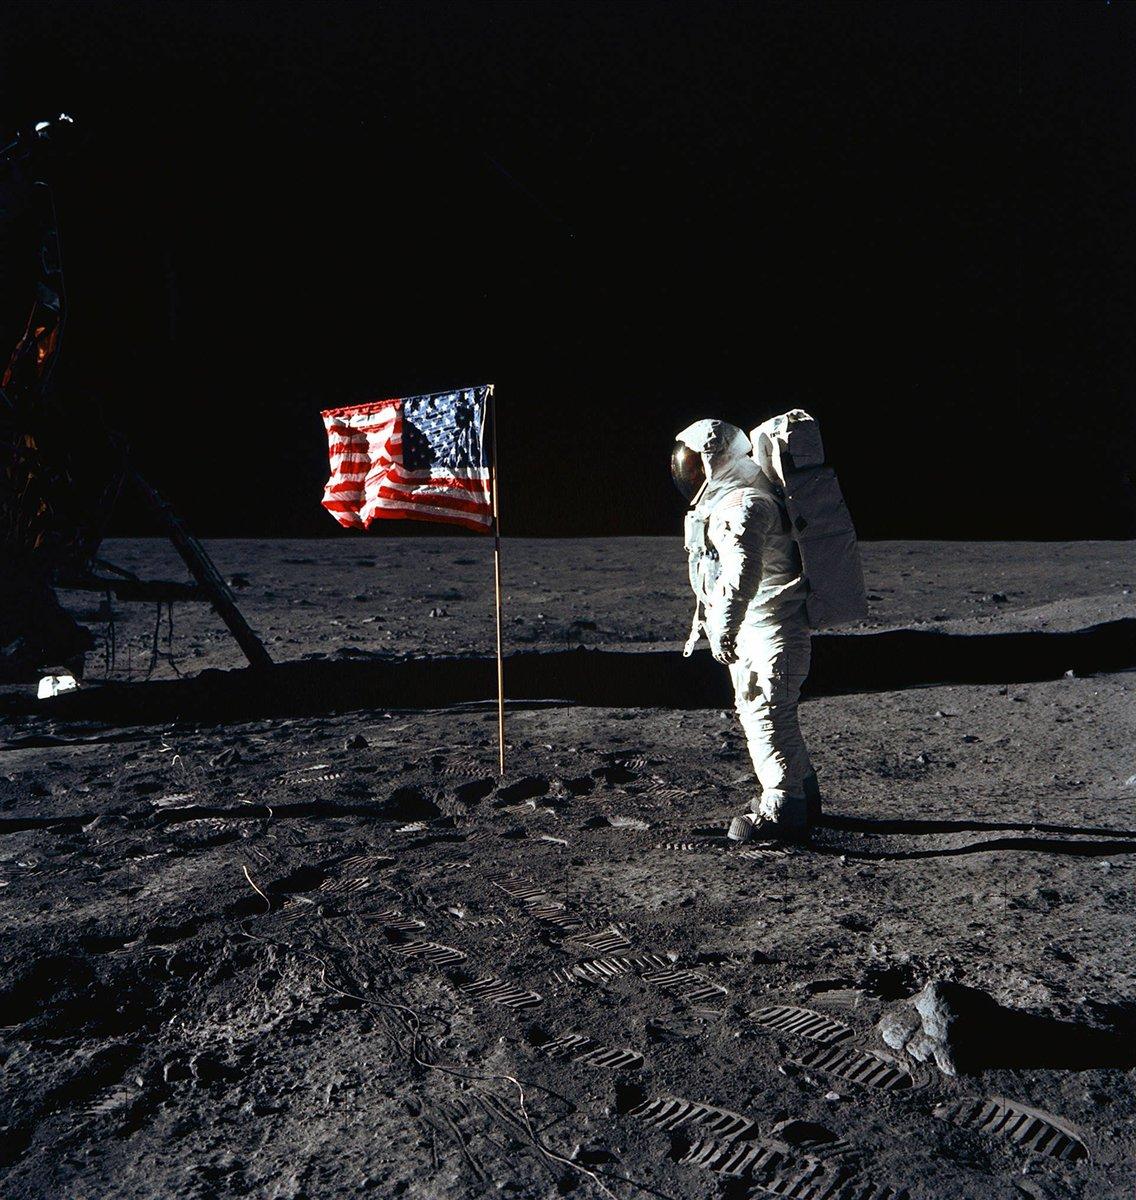 Le 20 juillet 1969, l'homme se posait sur la Lune. Dans nos archives: «On a marché sur la Lune» #MoonDay https://t.co/g1qSXwctYo